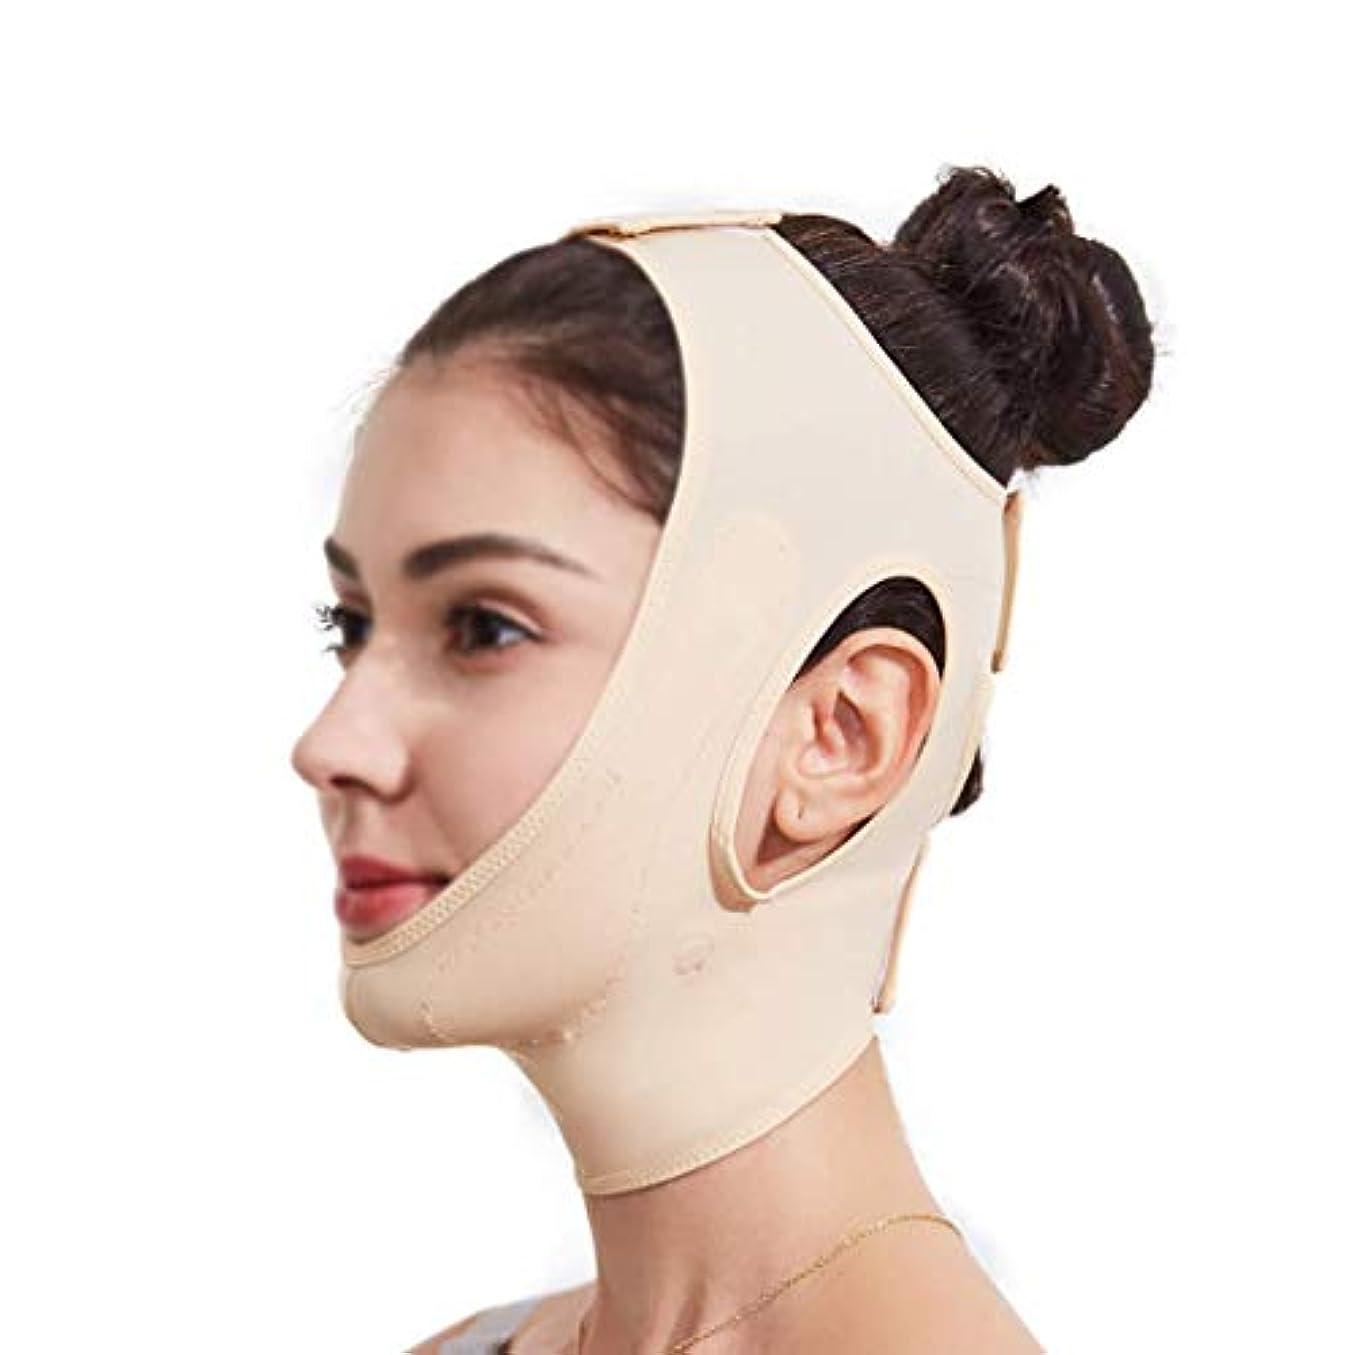 でる撃退する標準フェイスリフティングマスク、360°オールラウンドリフティングフェイシャルコンター、あごを閉じて肌を引き締め、快適でフェイスライトをサポートし、通気性を保ちます(サイズ:ブラック),肌の色